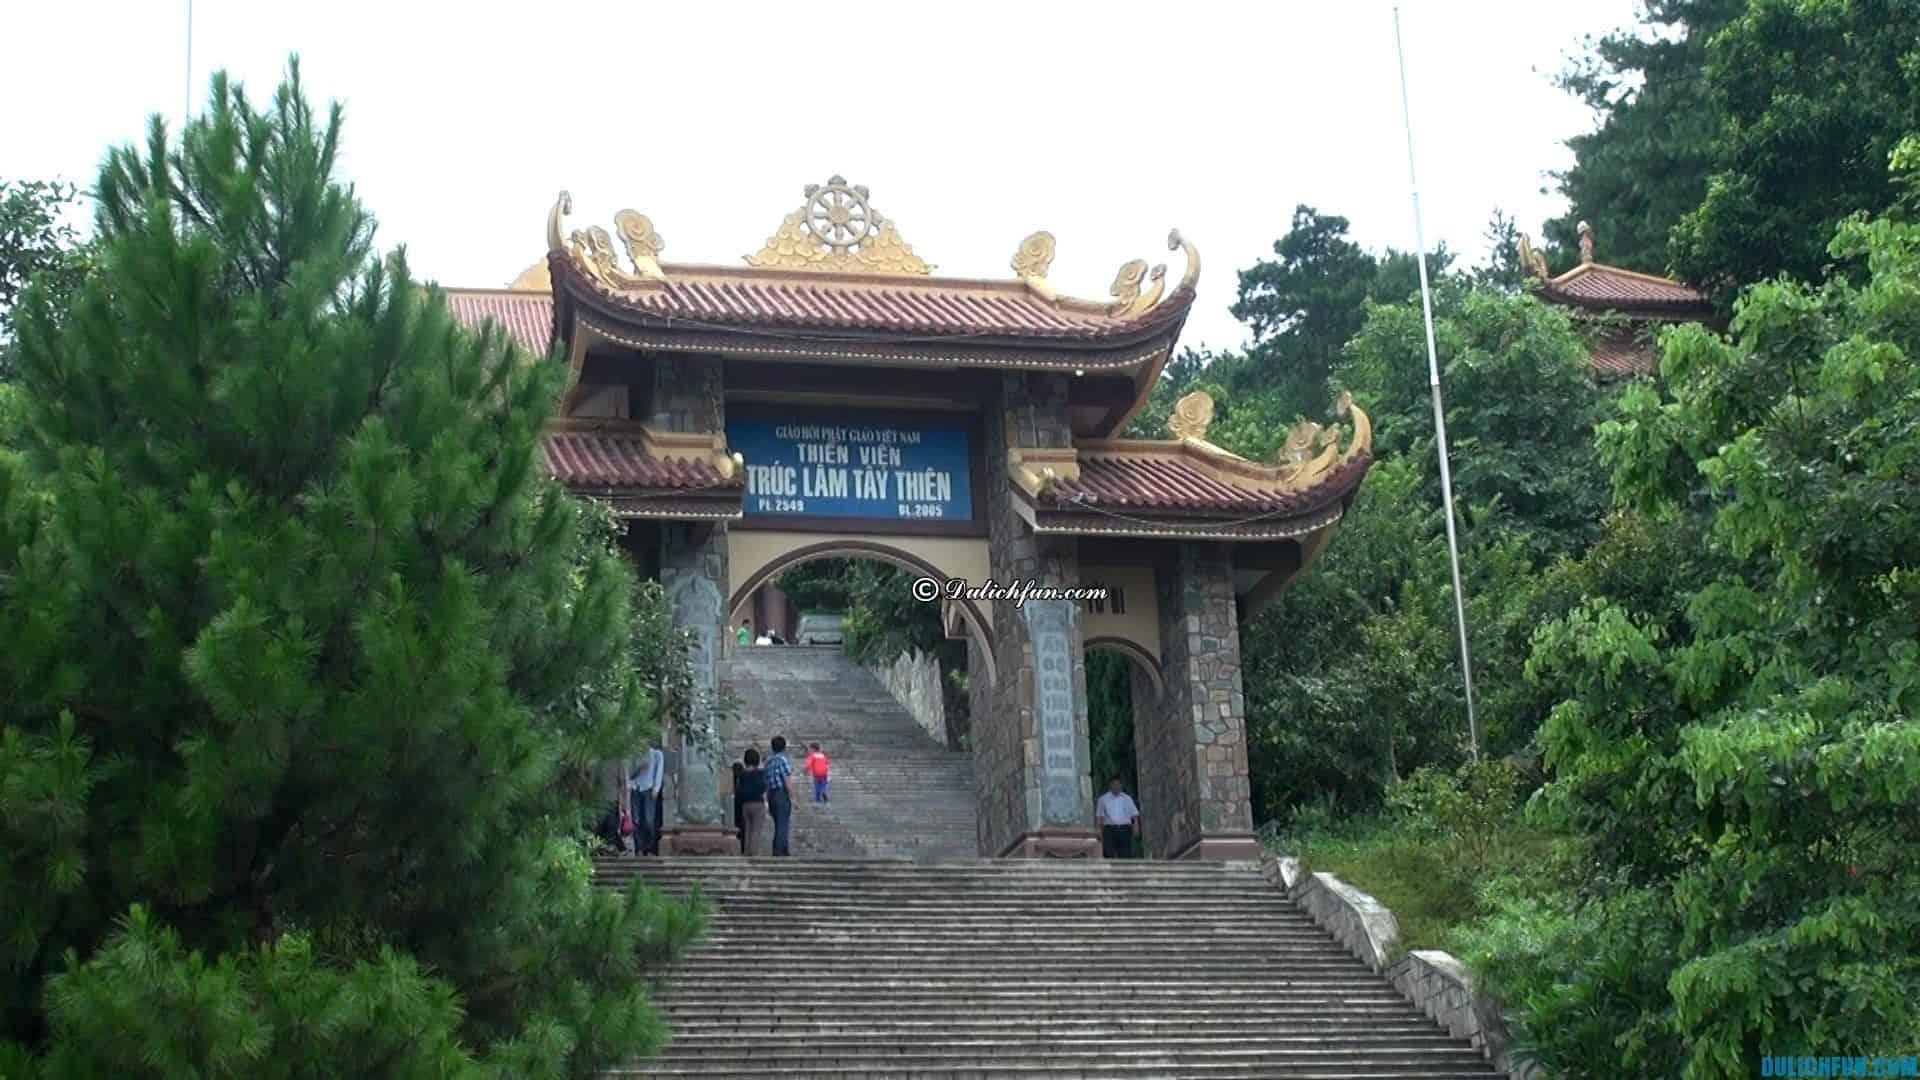 Khu du lịch thiền viện Trúc Lâm Tây Thiên điểm tham quan nổi tiếng ở Vĩnh Phúc